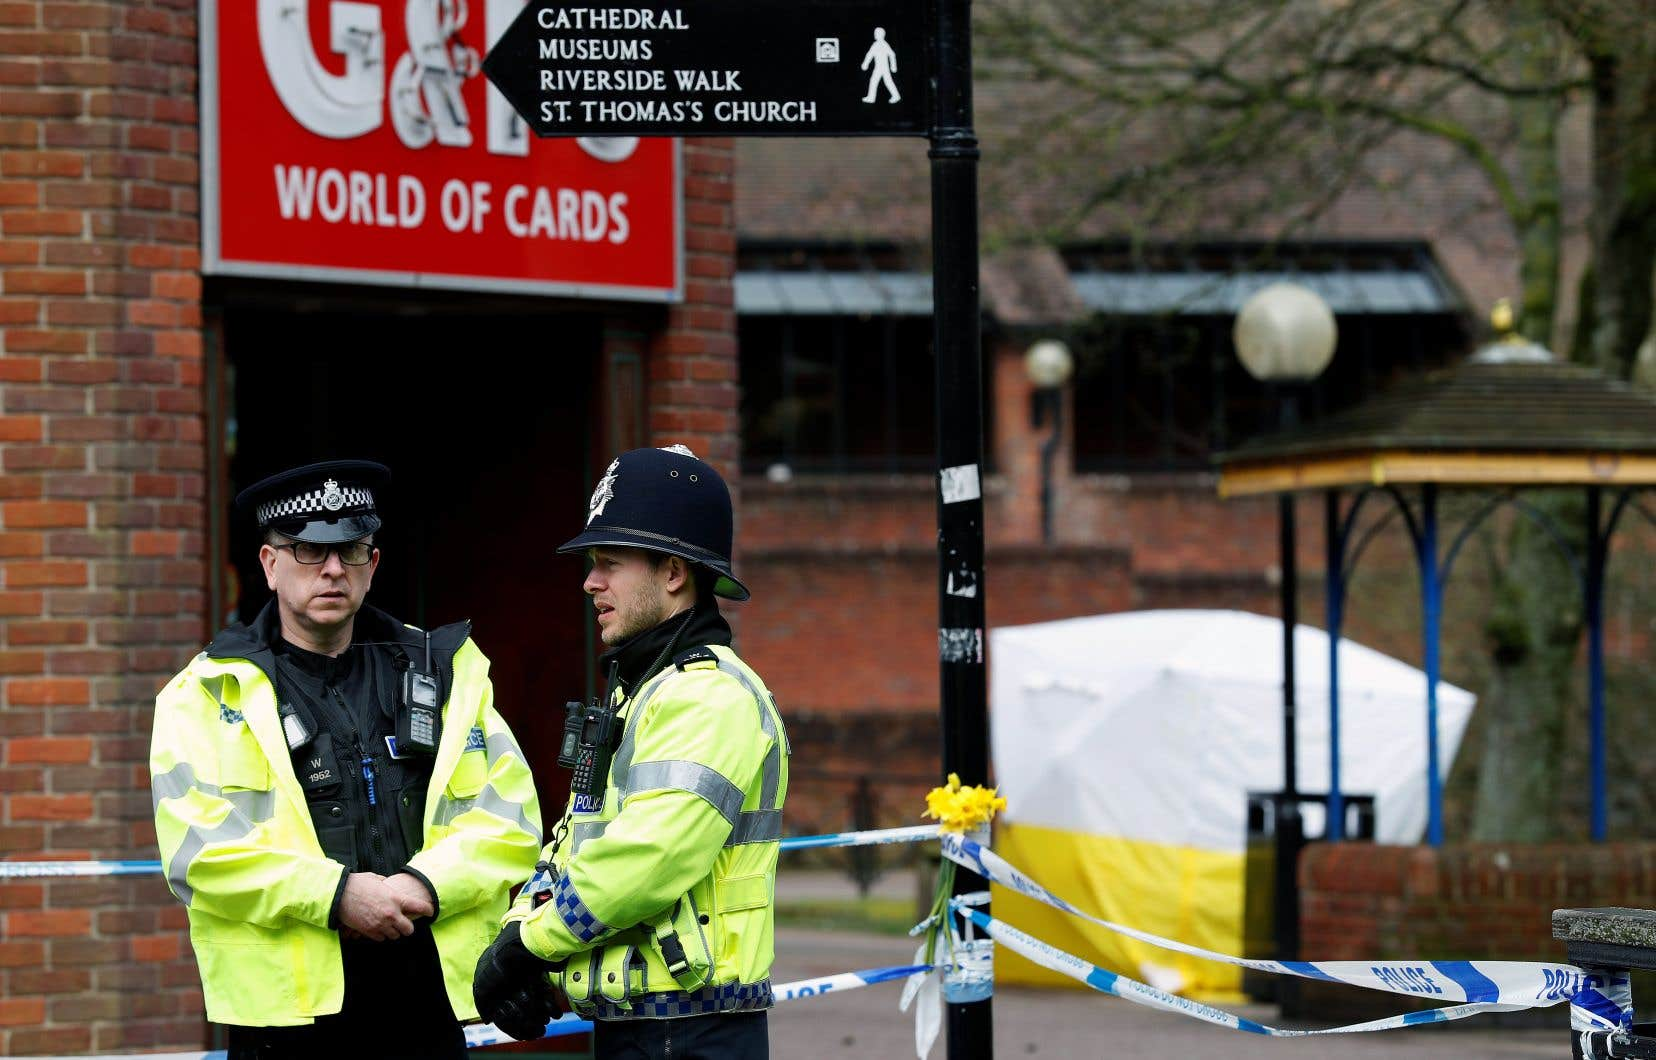 À Salisbury, une contamination a été constatée dans deux endroits où se sont rendus l'ex-agent double et sa fille.